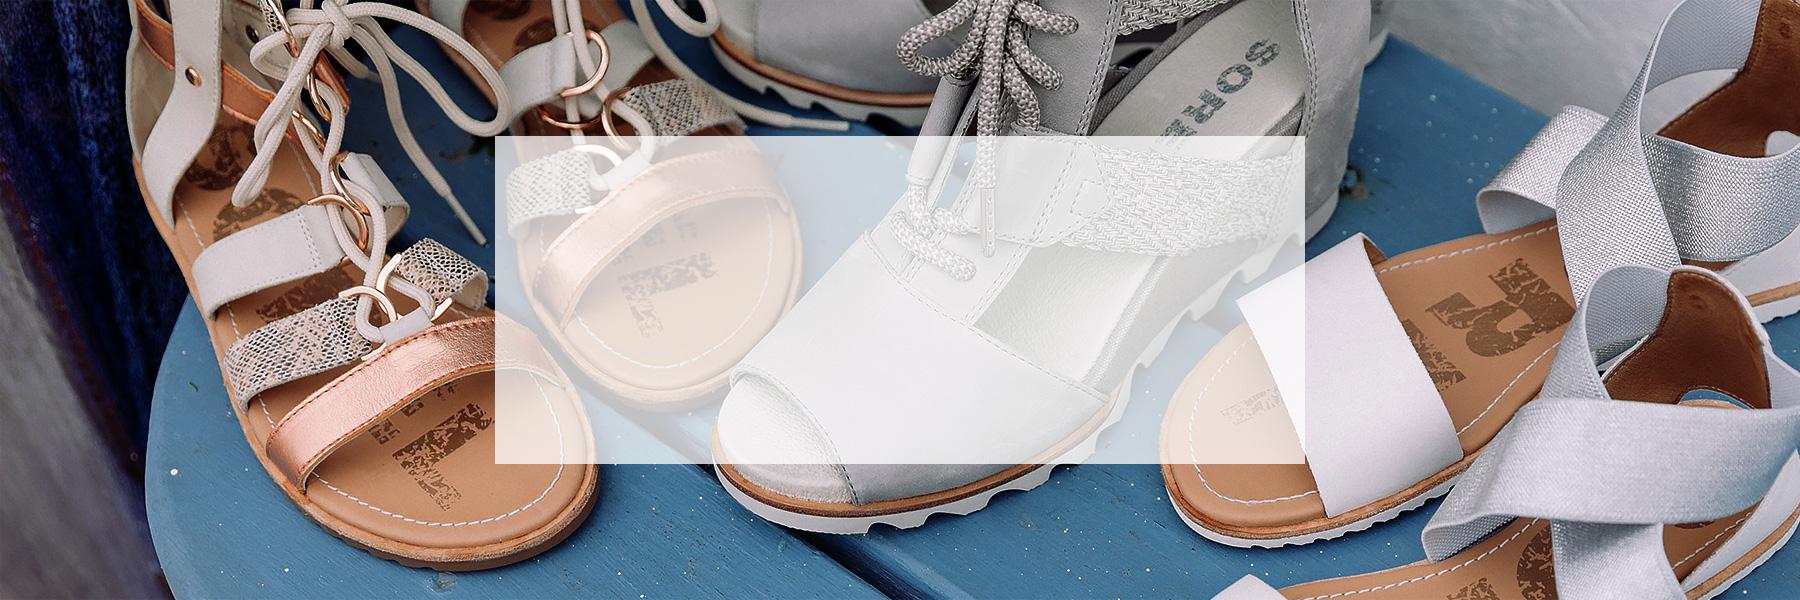 Three pairs of women's sandals